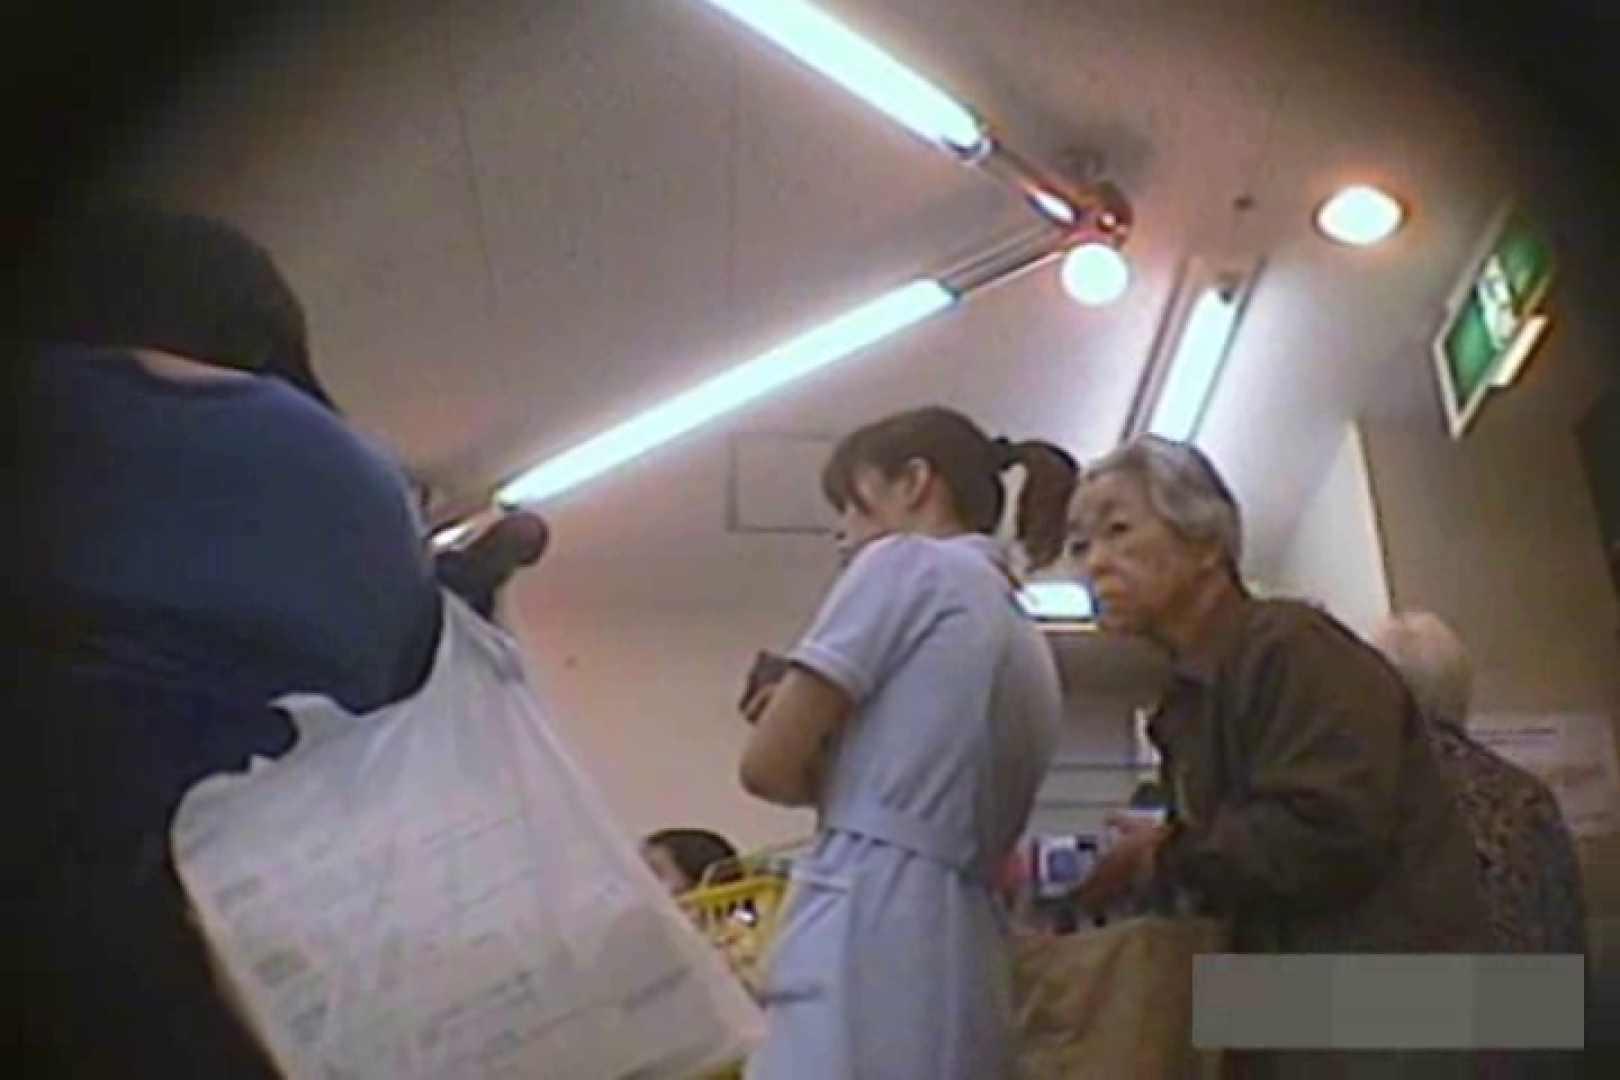 パンチラ七変化!!Vol.1 パンチラ ワレメ無修正動画無料 71PIX 58